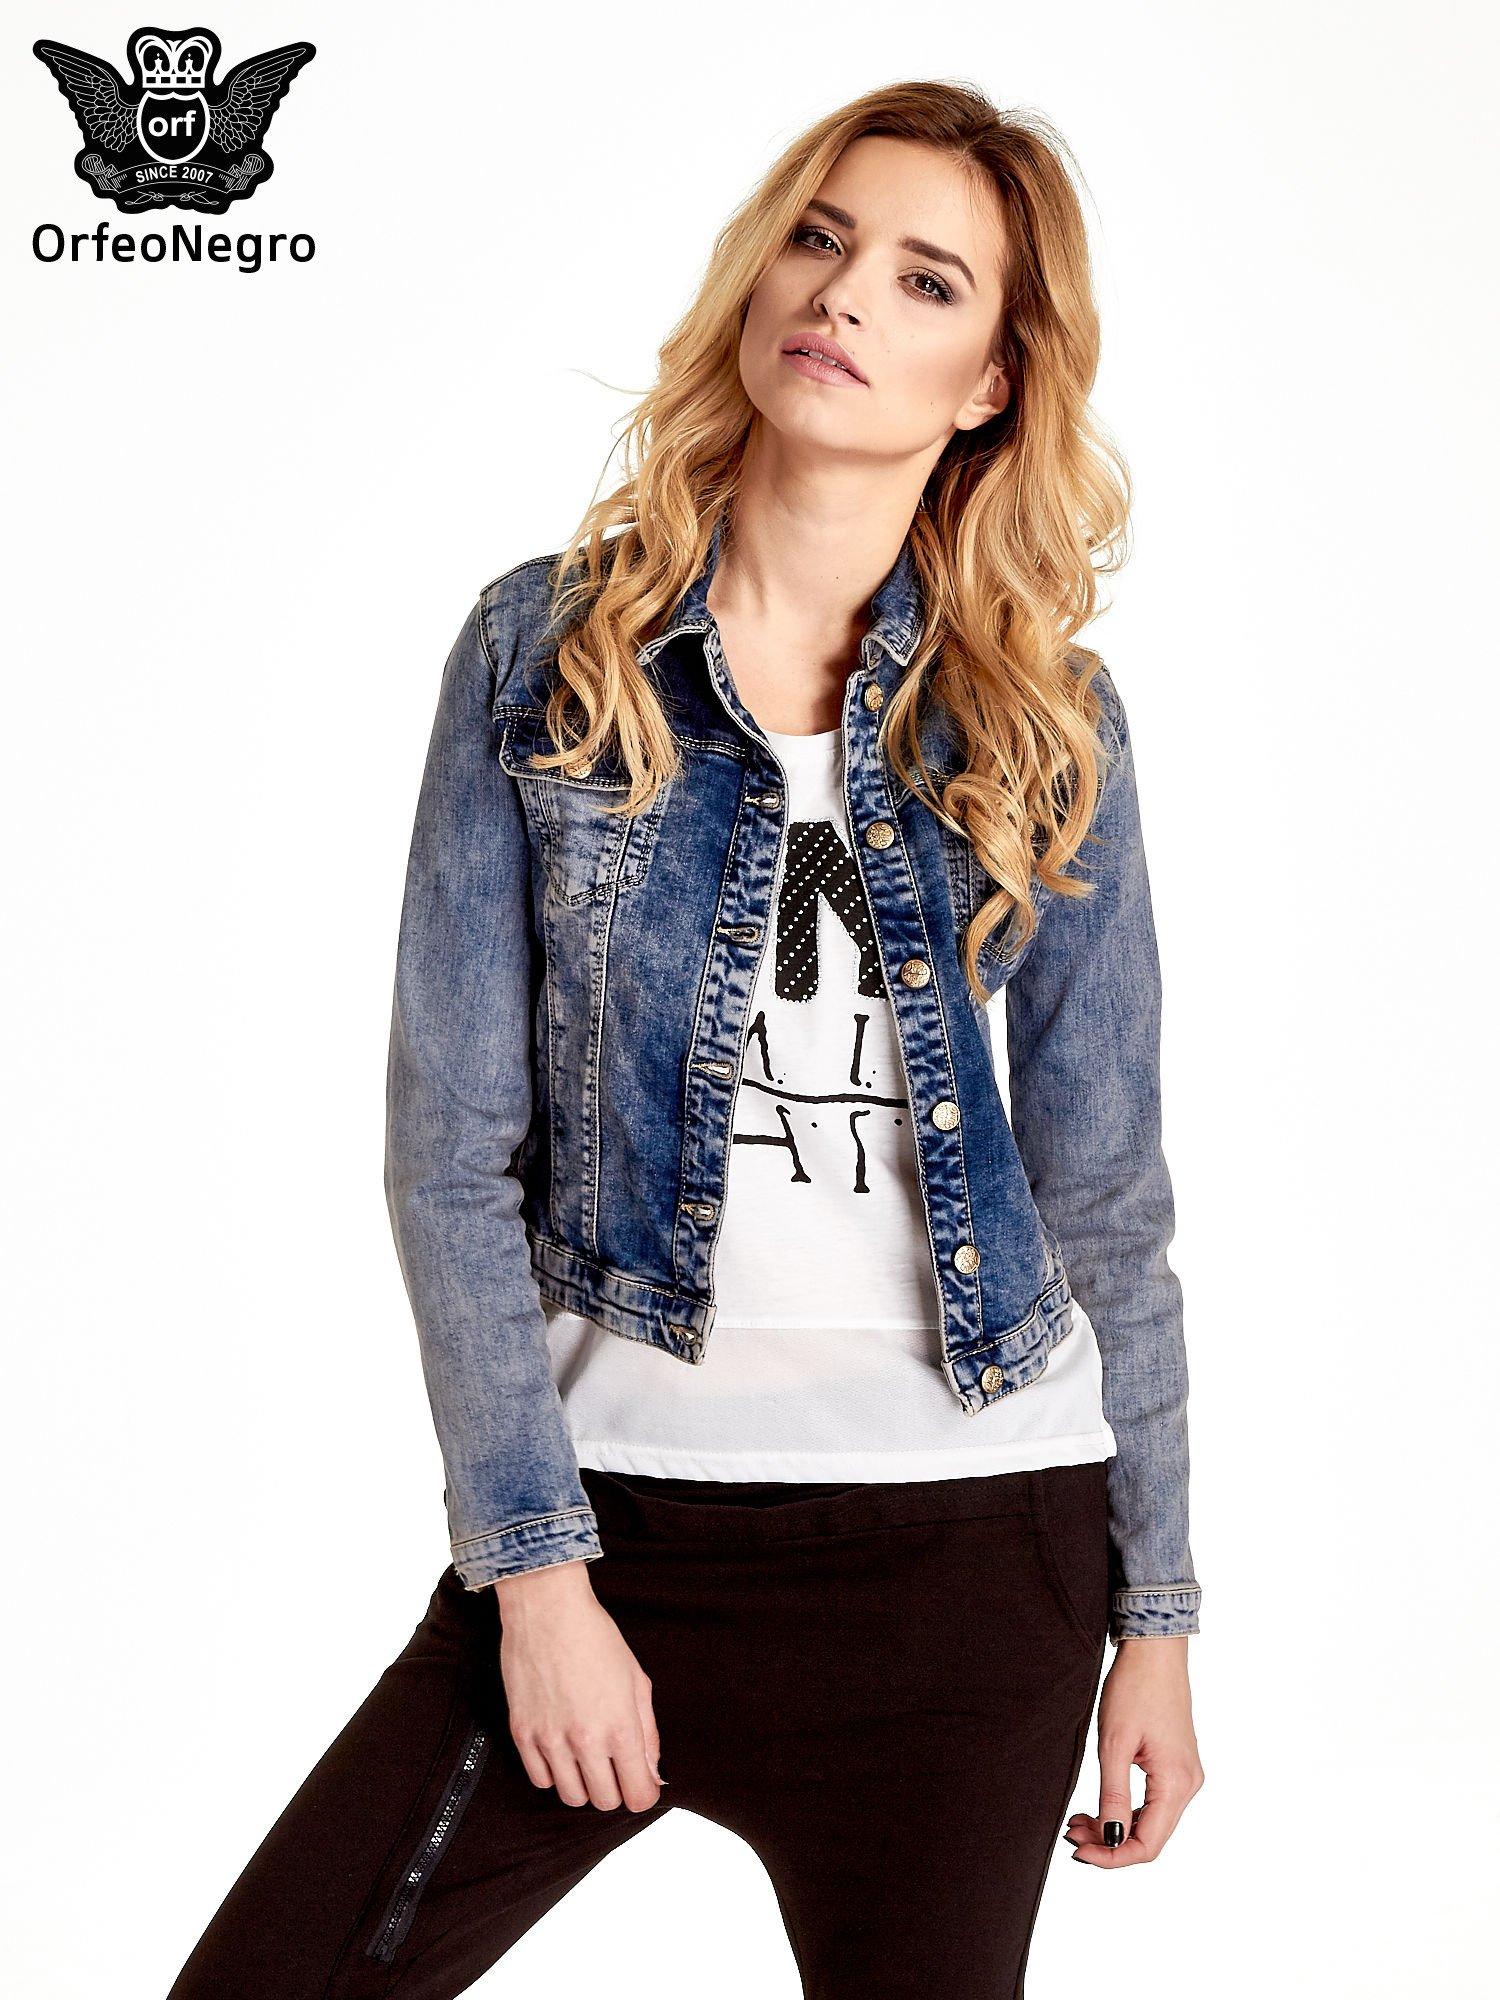 Ciemnoniebieska klasyczna kurtka jeansowa damska                                  zdj.                                  1